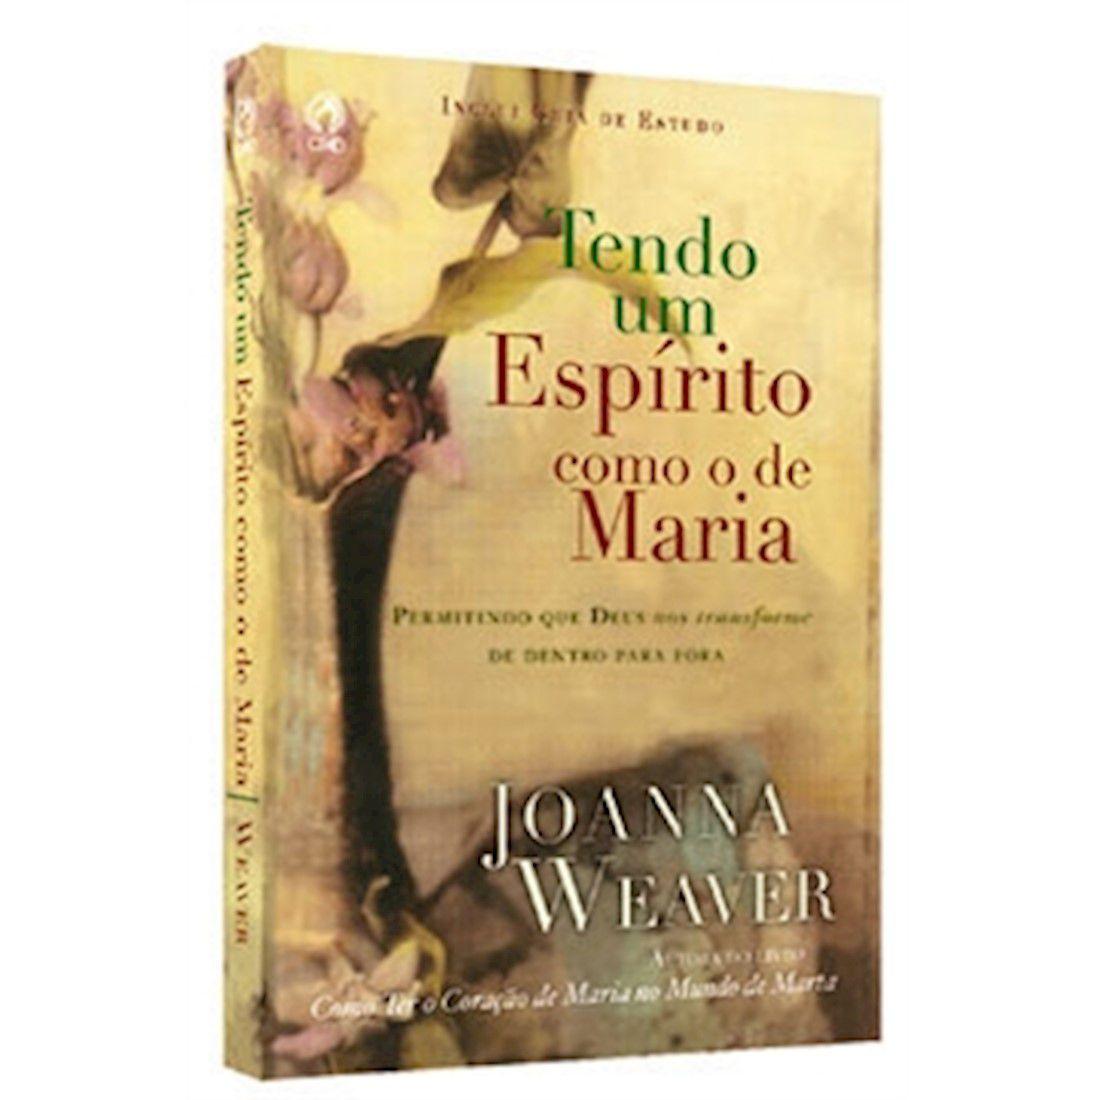 Livro Tendo um Espírito como o de Maria